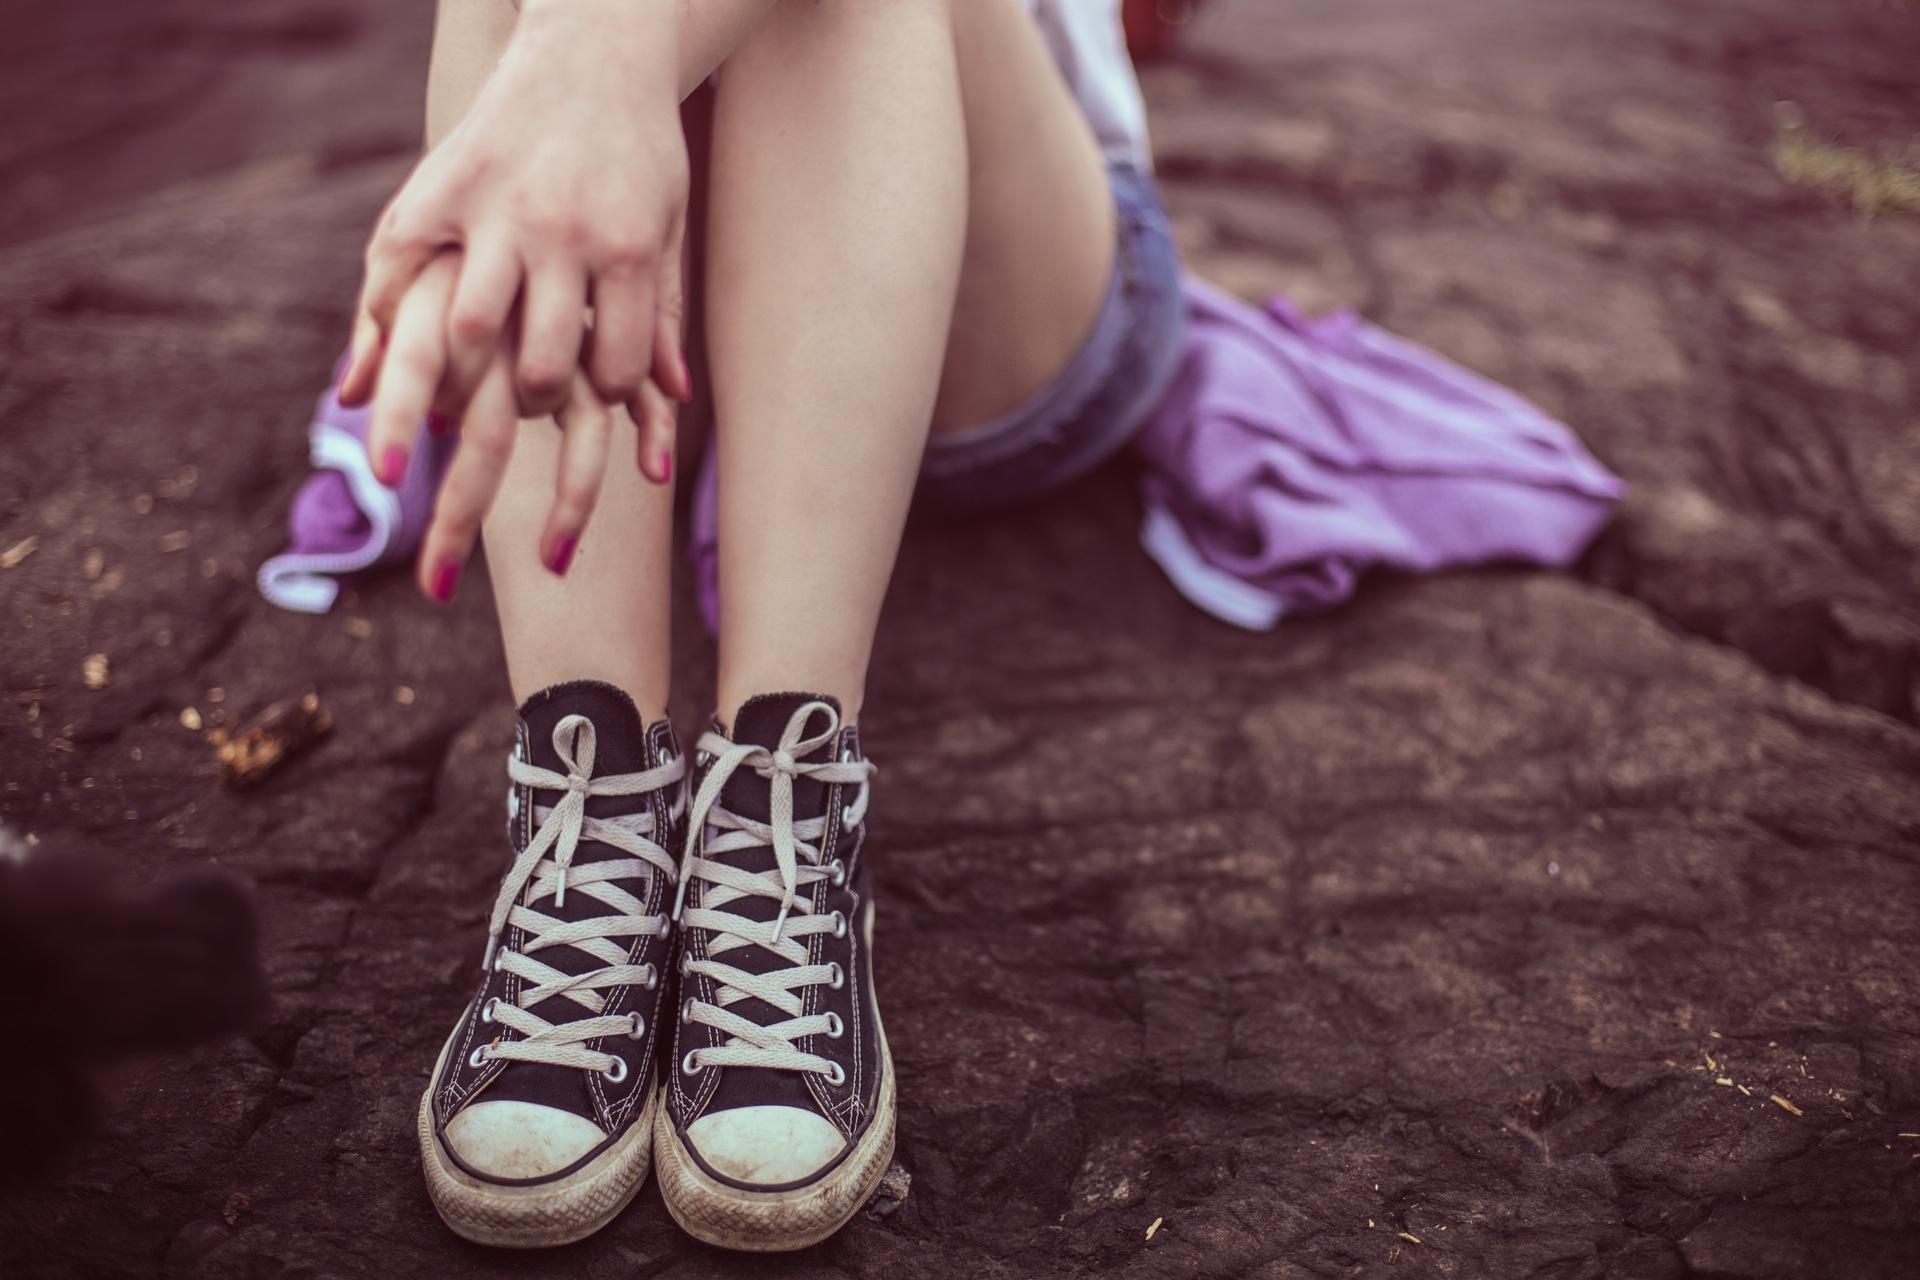 ноги, Обувь, платье, женщина, Наборы, Конверс - Обои HD - Профессор falken.com